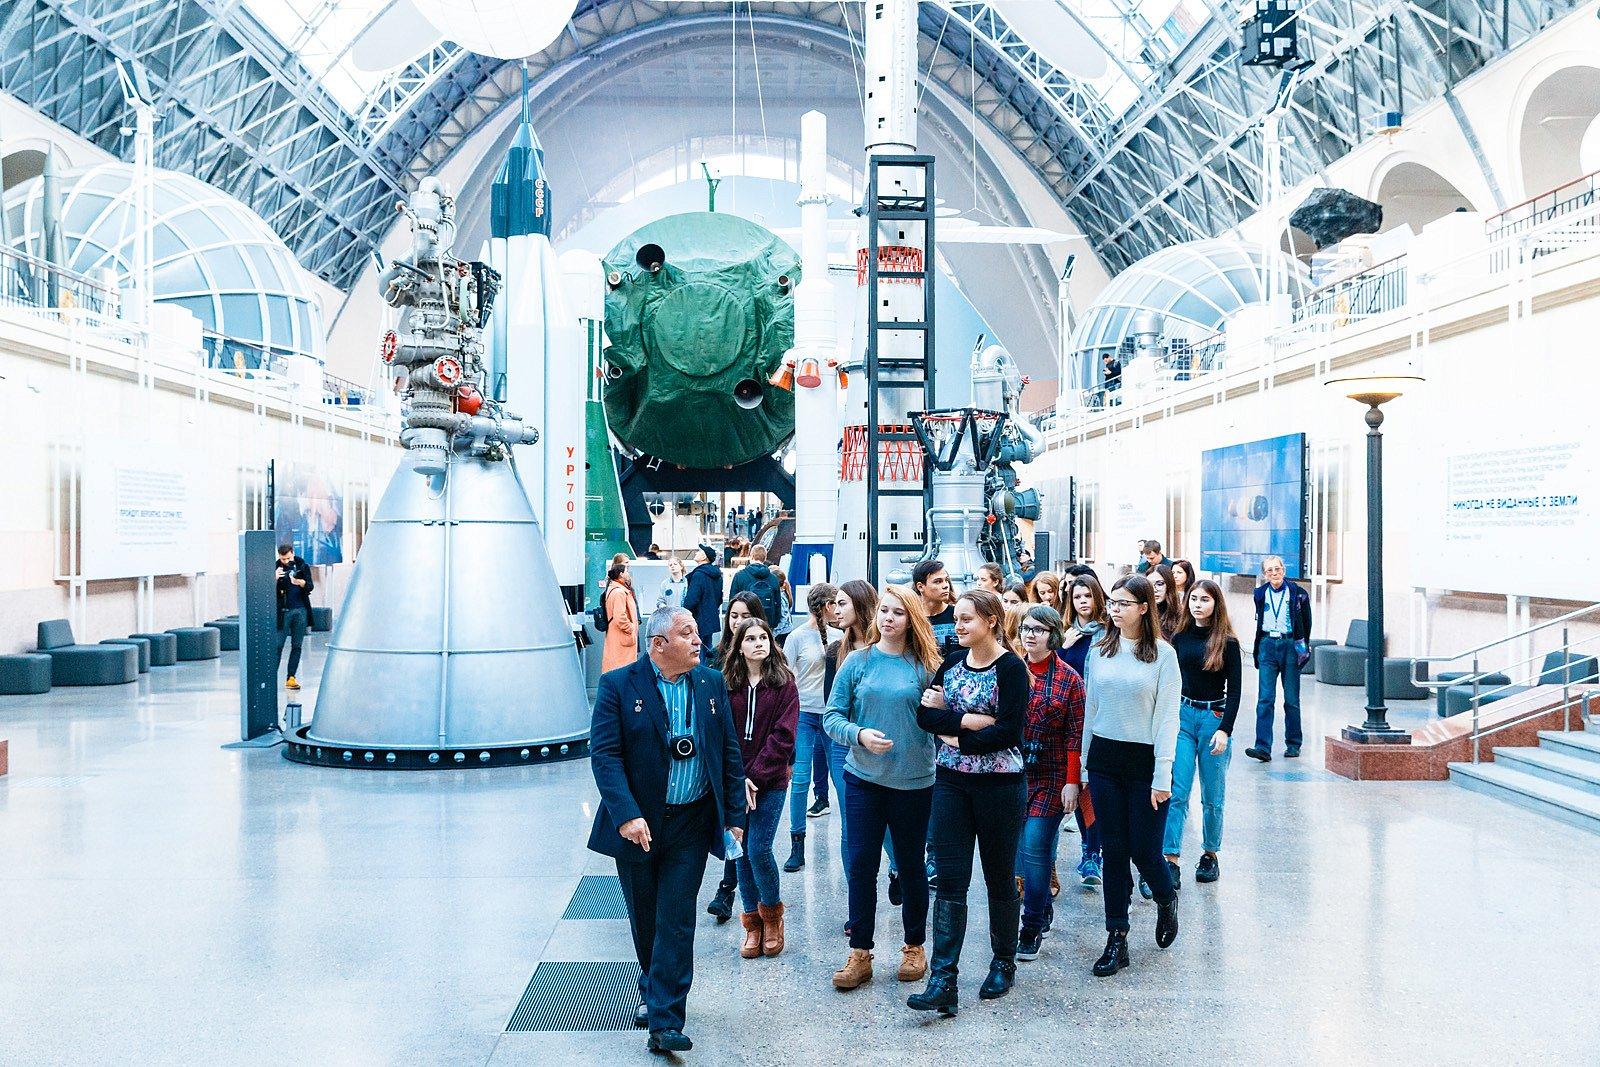 «Траектория взлета»: В Москве открылся новый технопарк для юных авиаторов